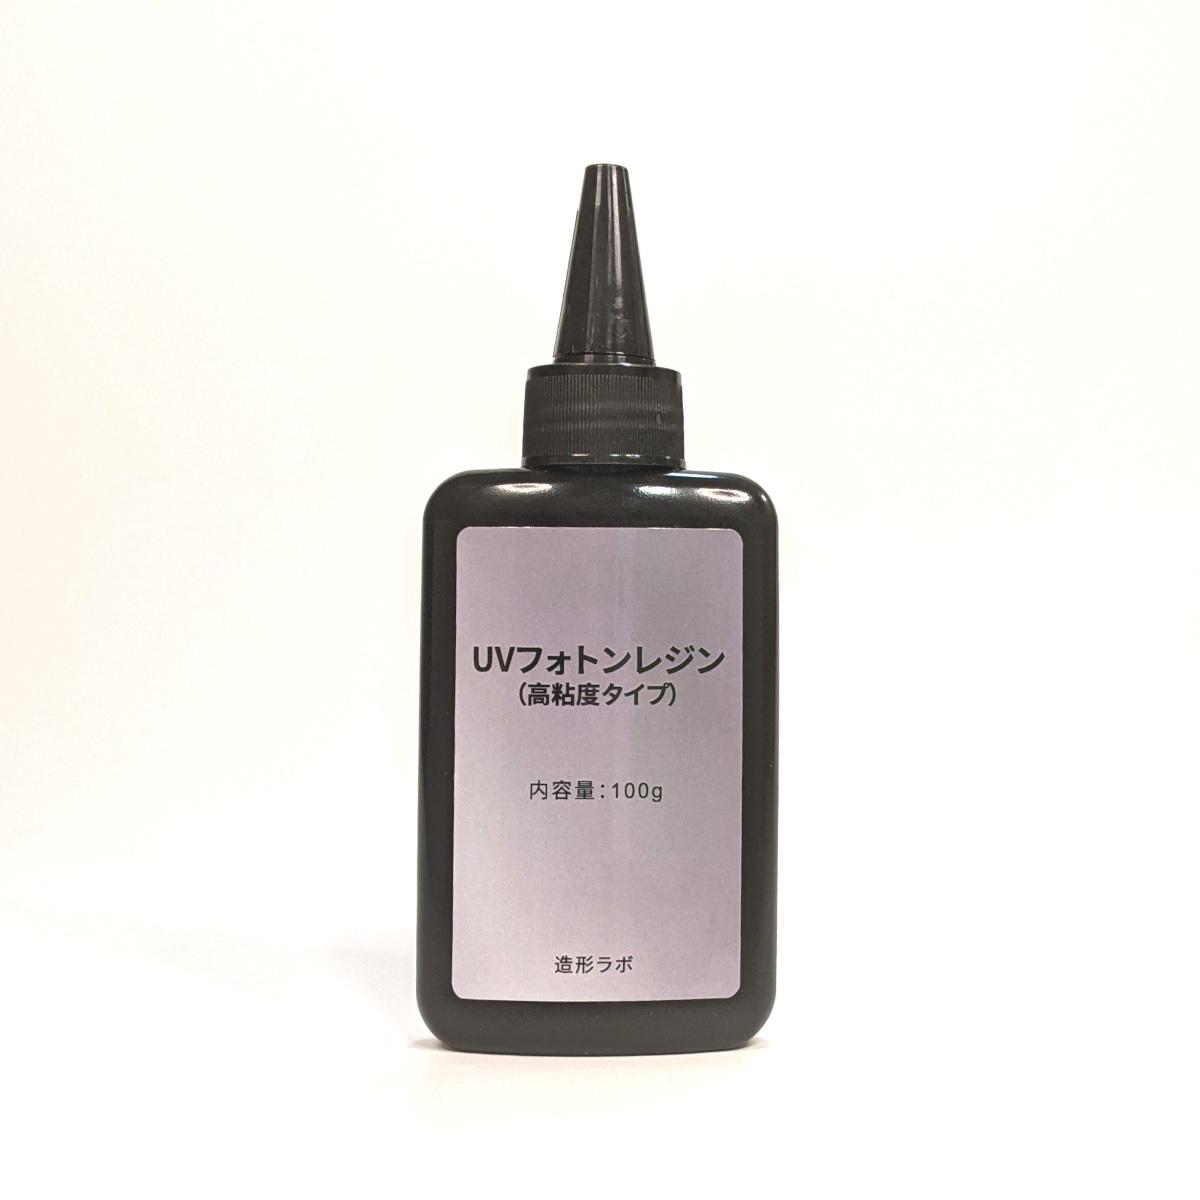 UVフォトンレジン 100g (高粘度タイプ) UVレジン・紫外線硬化樹脂_画像1